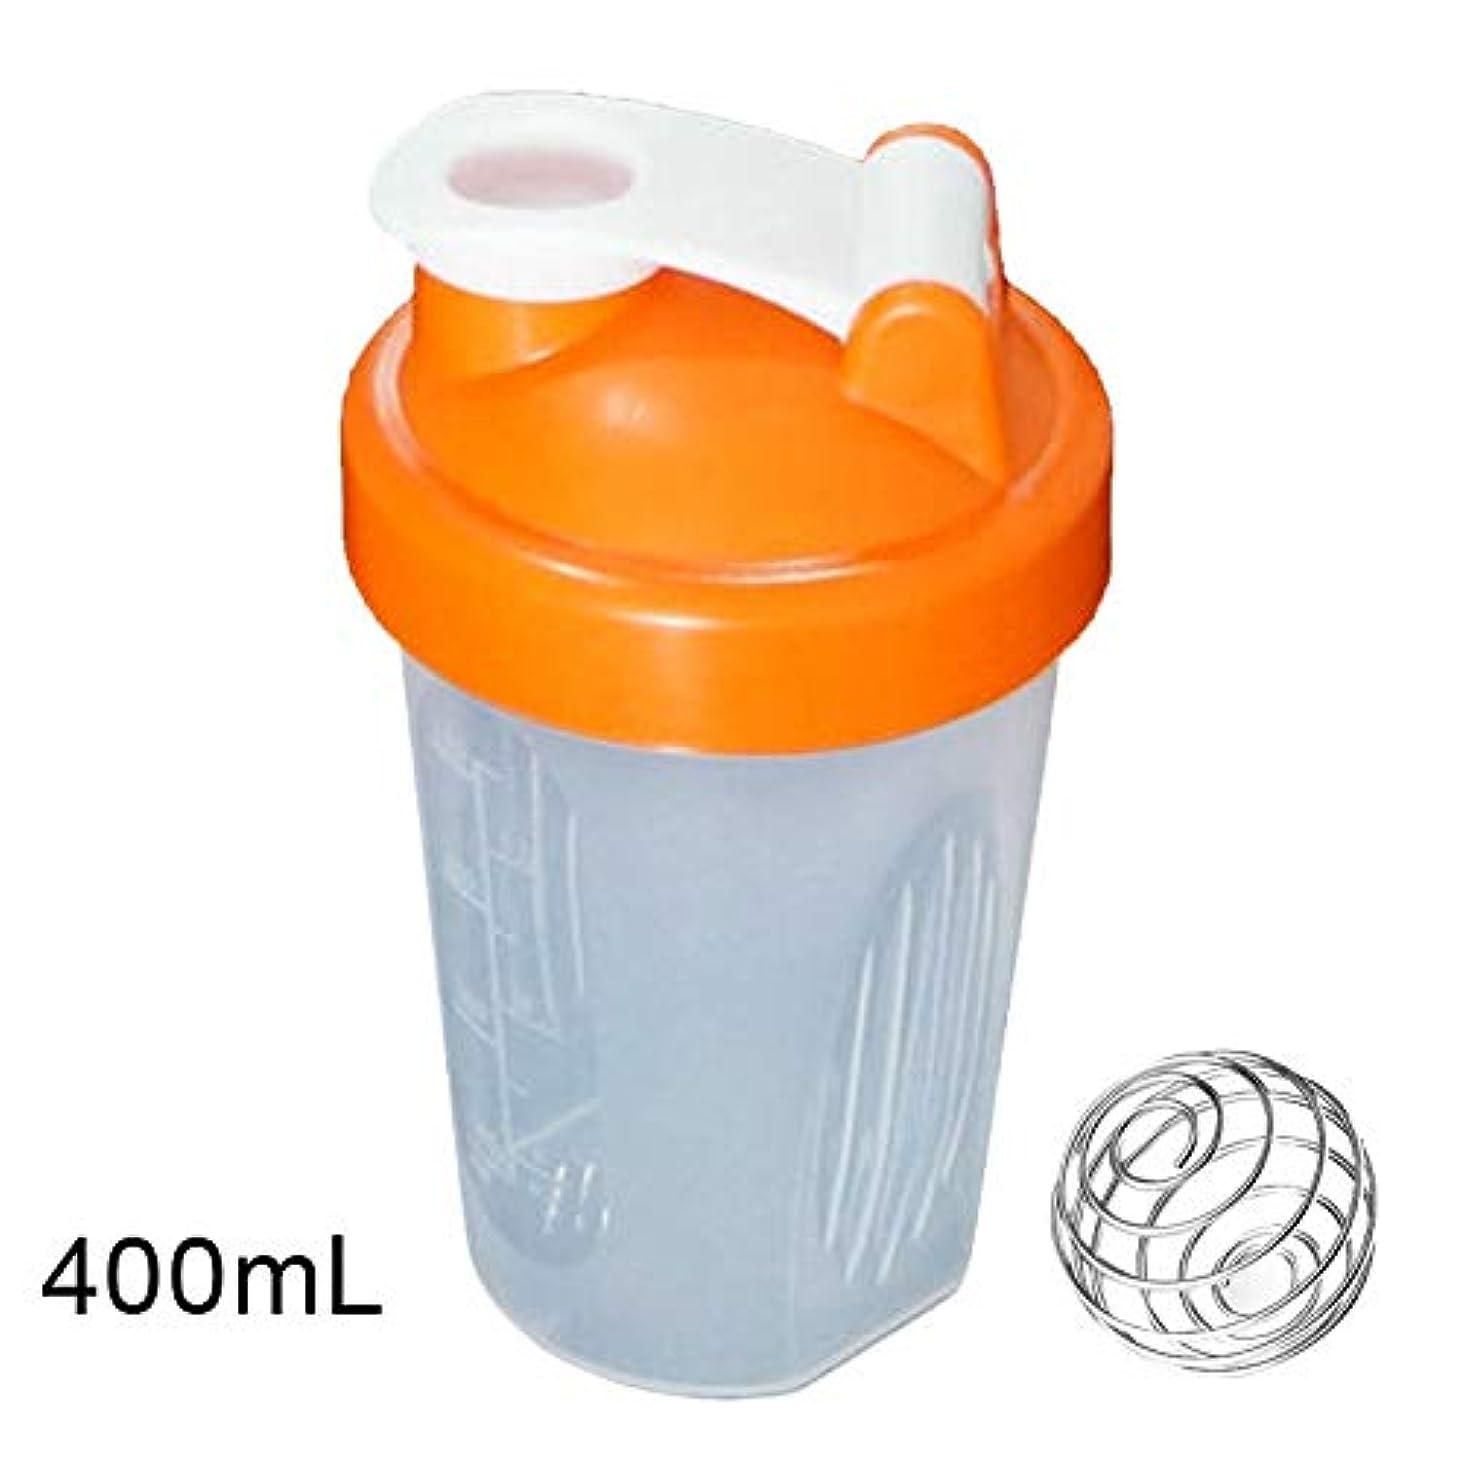 起きるハントそうZaRoing ブレンダーボトル プロテインパウダー揺れ瓶 プロテインシェーカー 栄養補助瓶 400/600ml